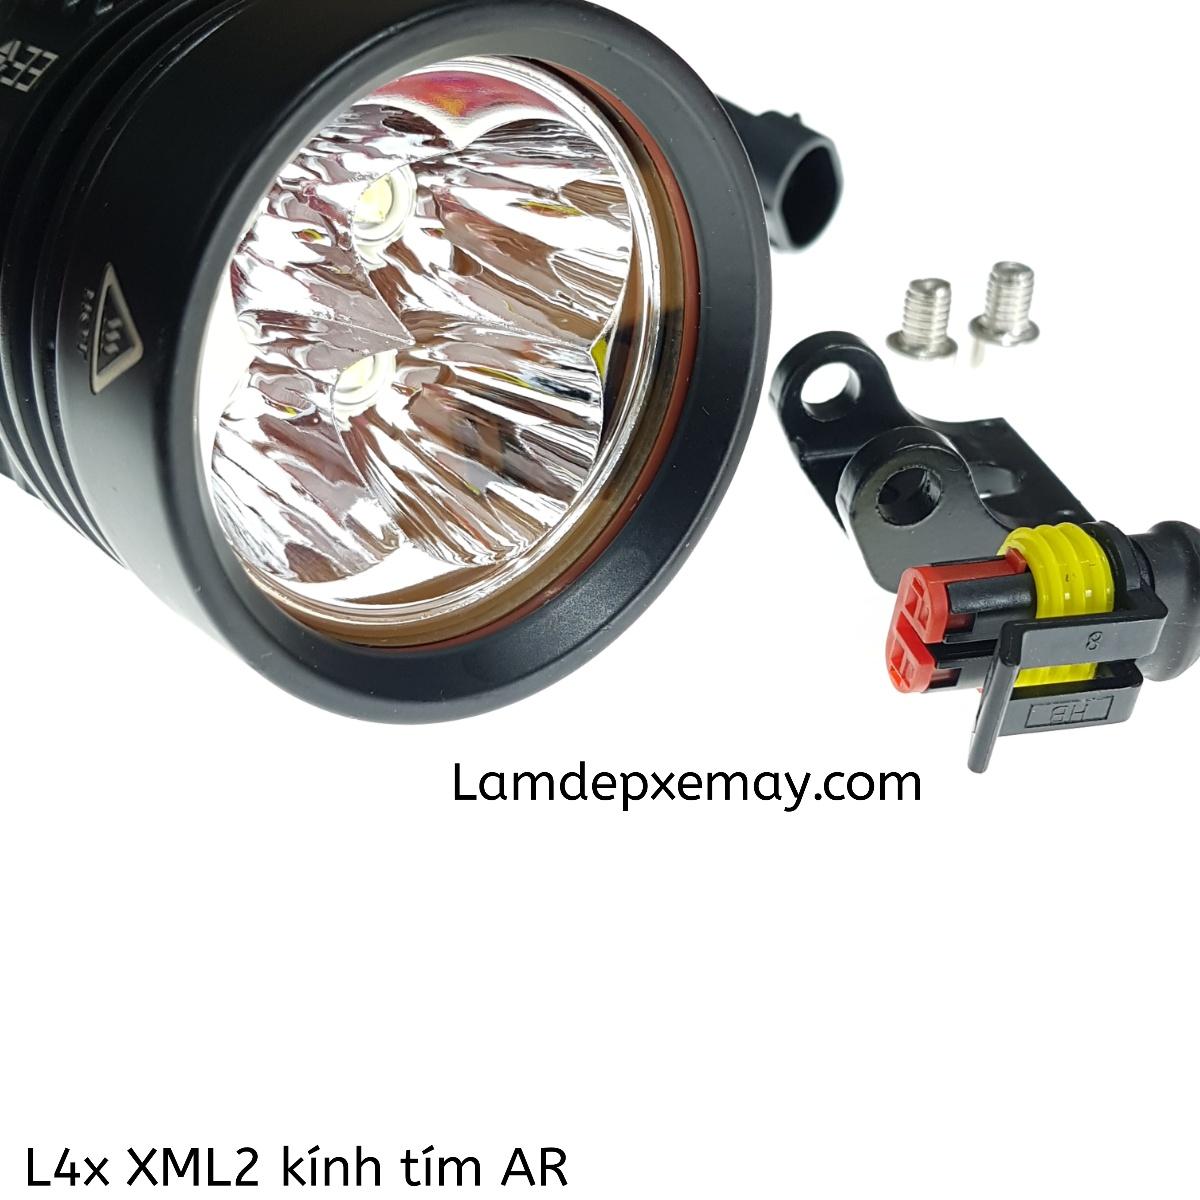 L4x XML2 kính tím AR